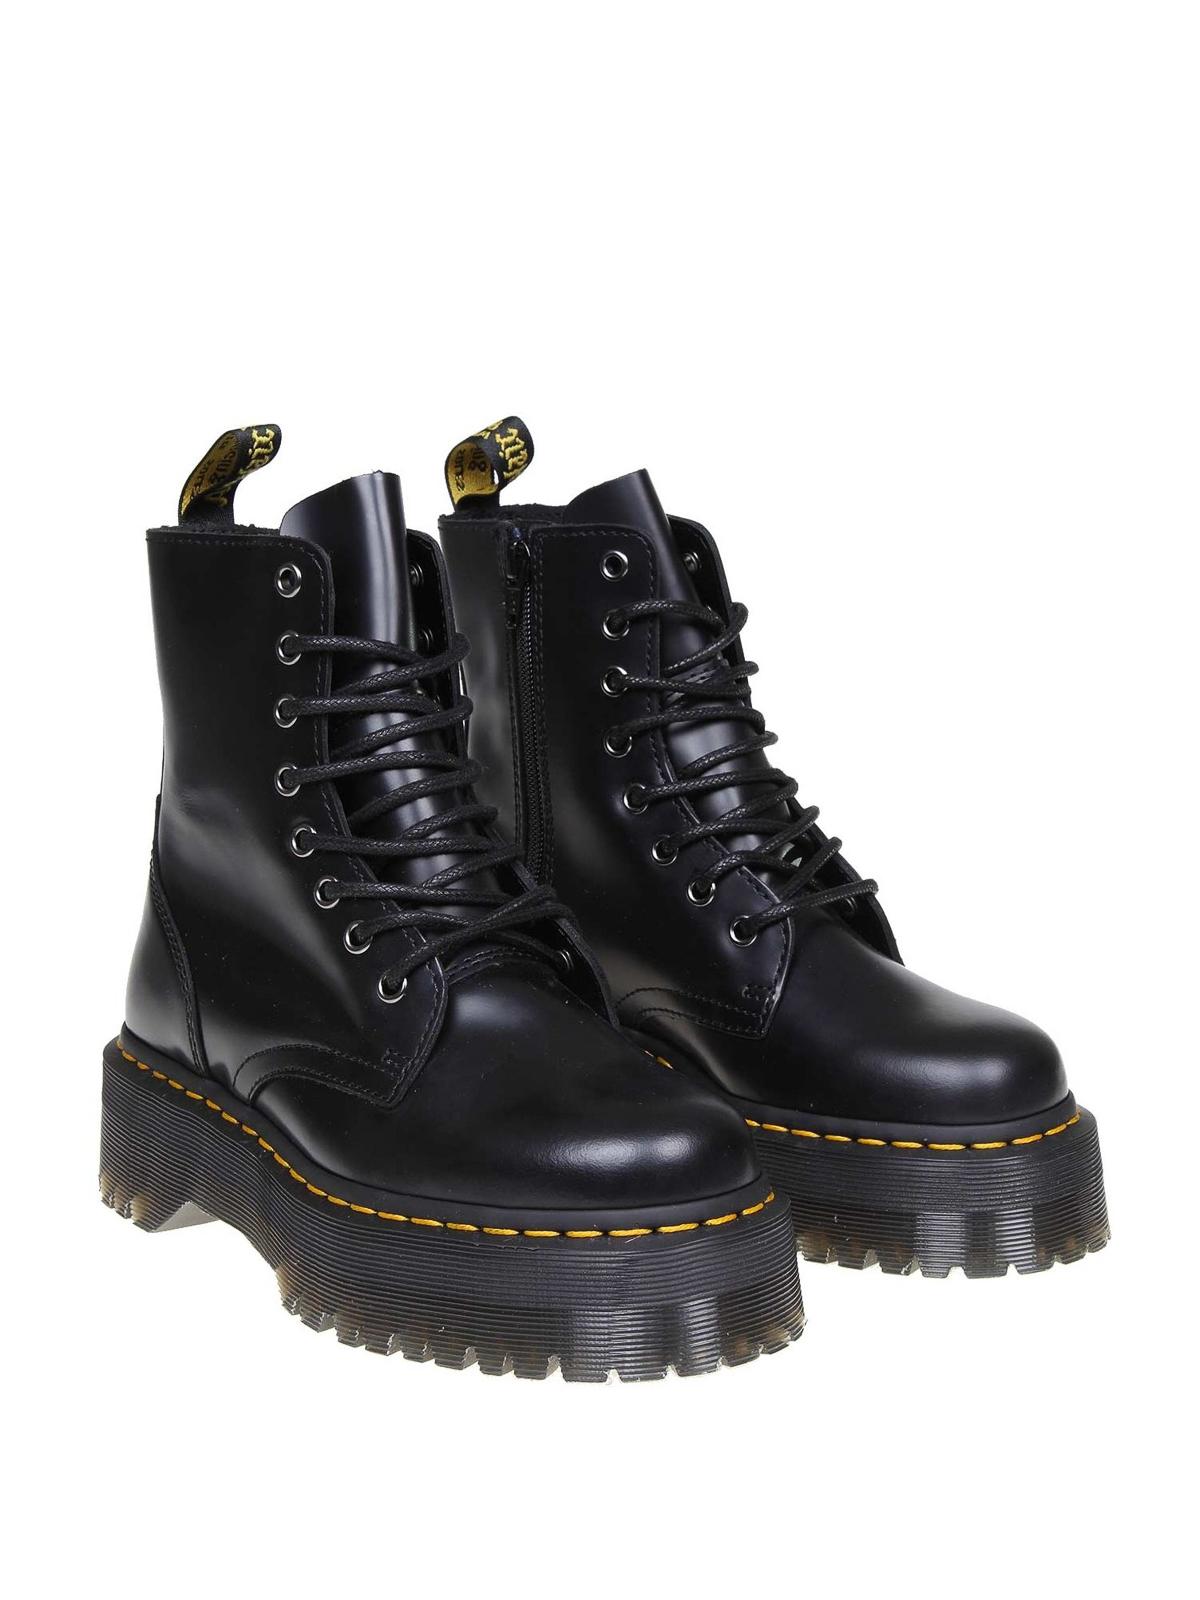 Dr. Martens - Jadon platform sole black